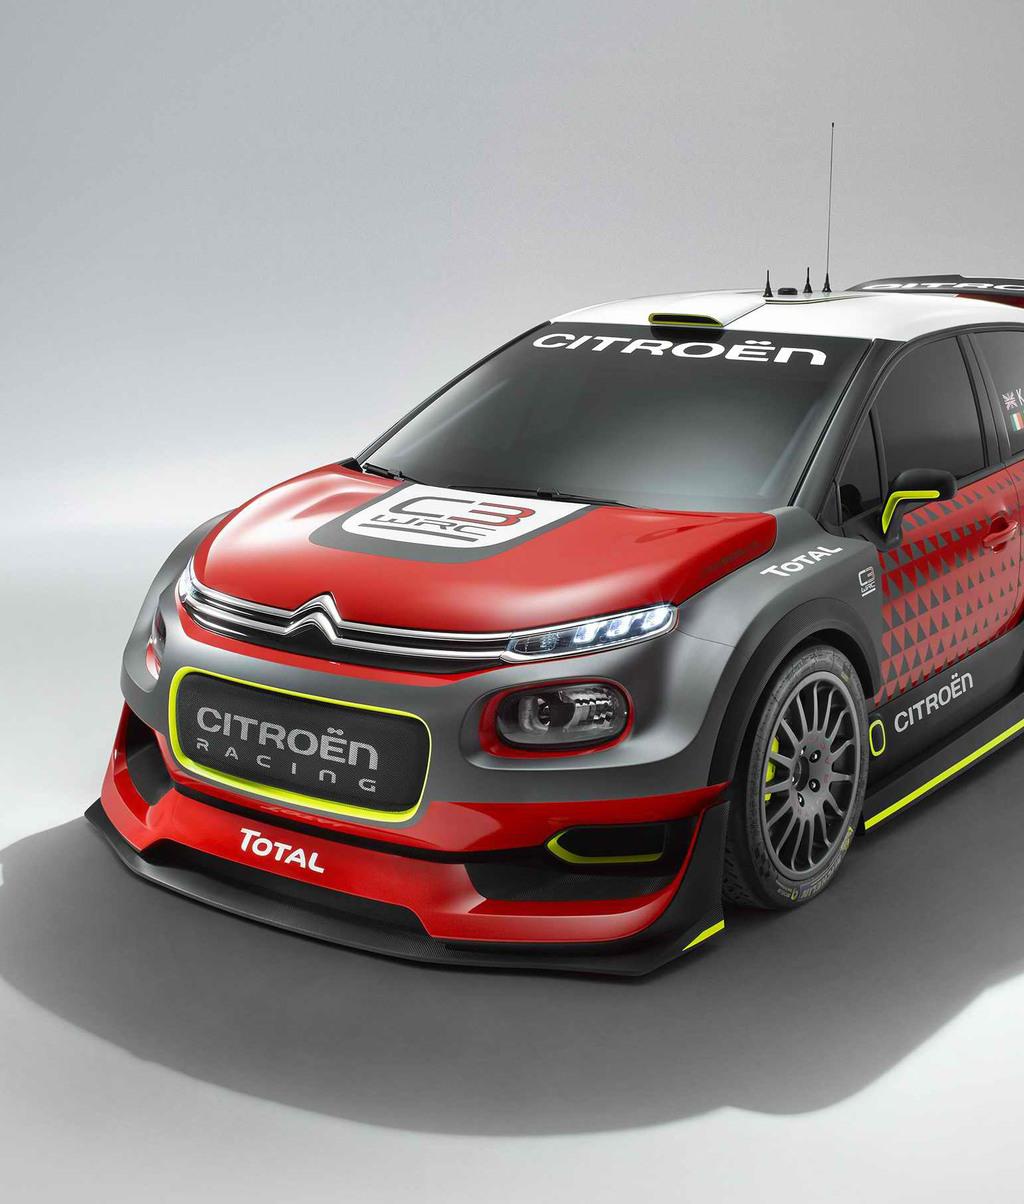 1024x1204 2017 Citroen C3 WRC Concept 1024x1204 Resolution